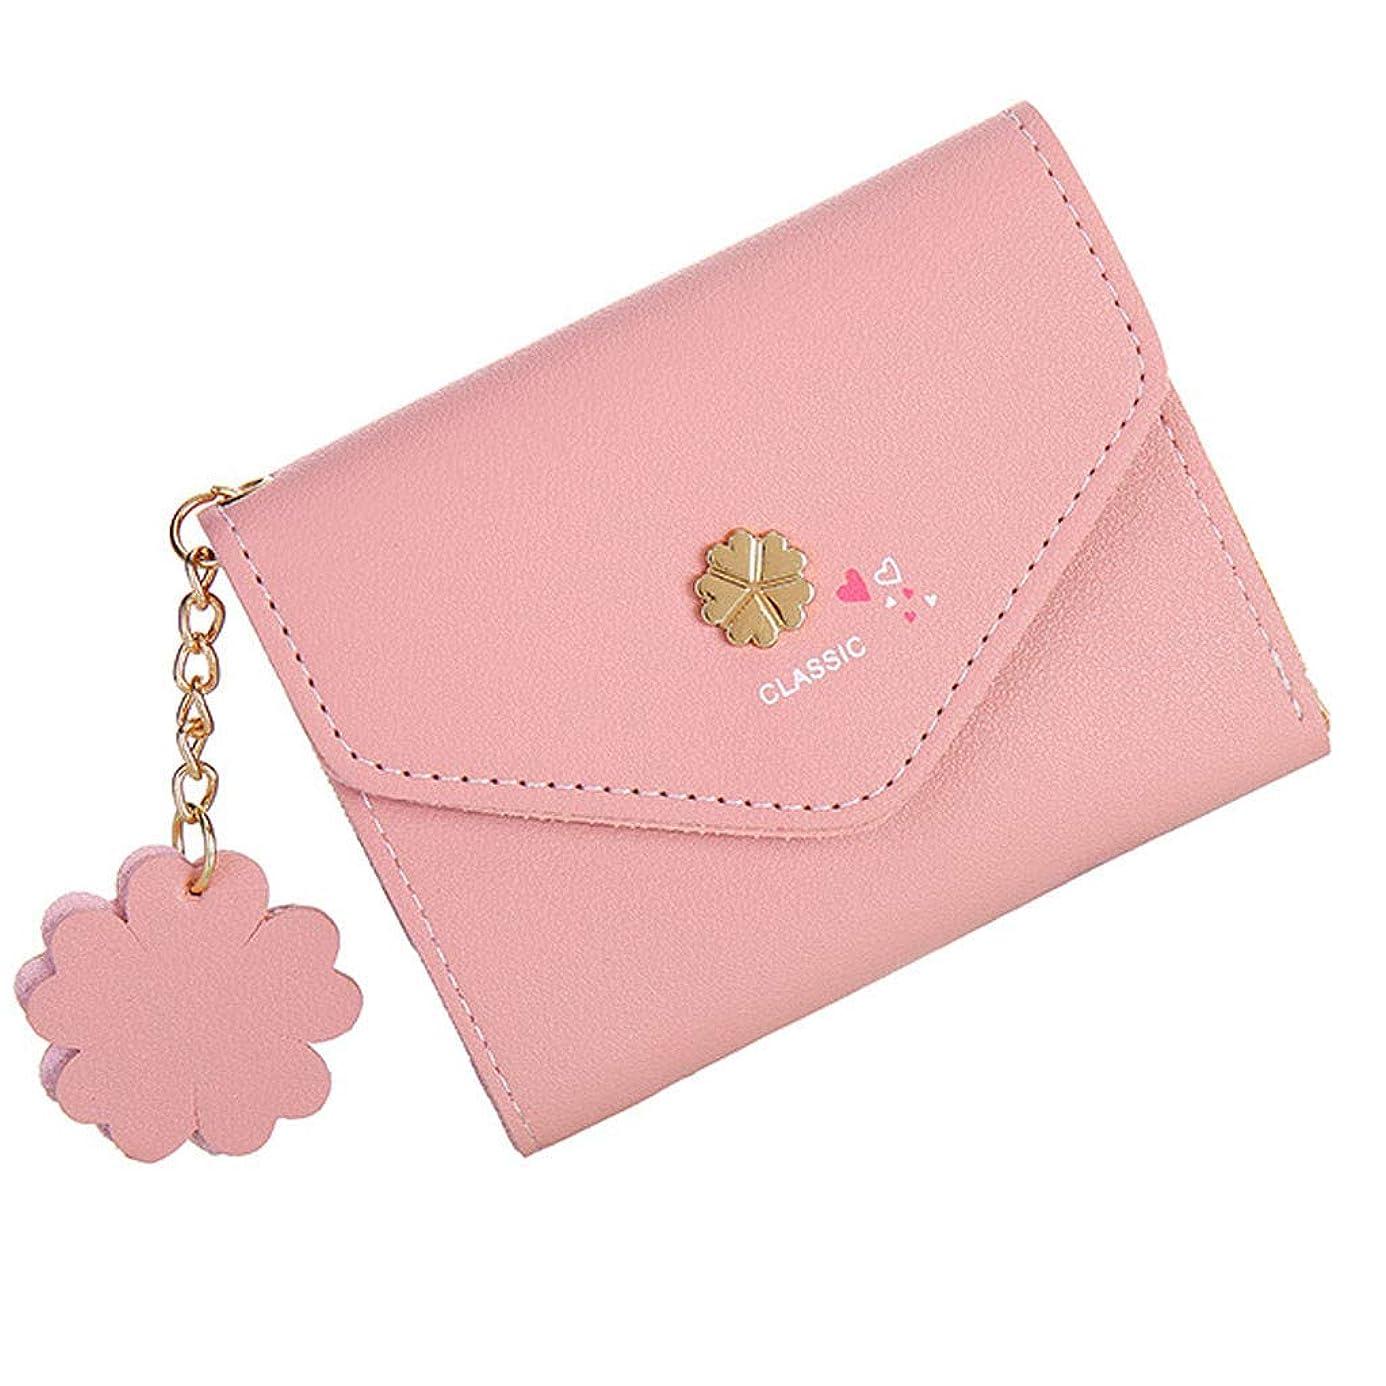 内なるパーフェルビッドカストディアン女性はレトロジッパーショート財布小銭入れハンドバッグが大好き 折り革財布 高級PUレザー 便利 耐久性 軽量 財布 おしゃれ 人気